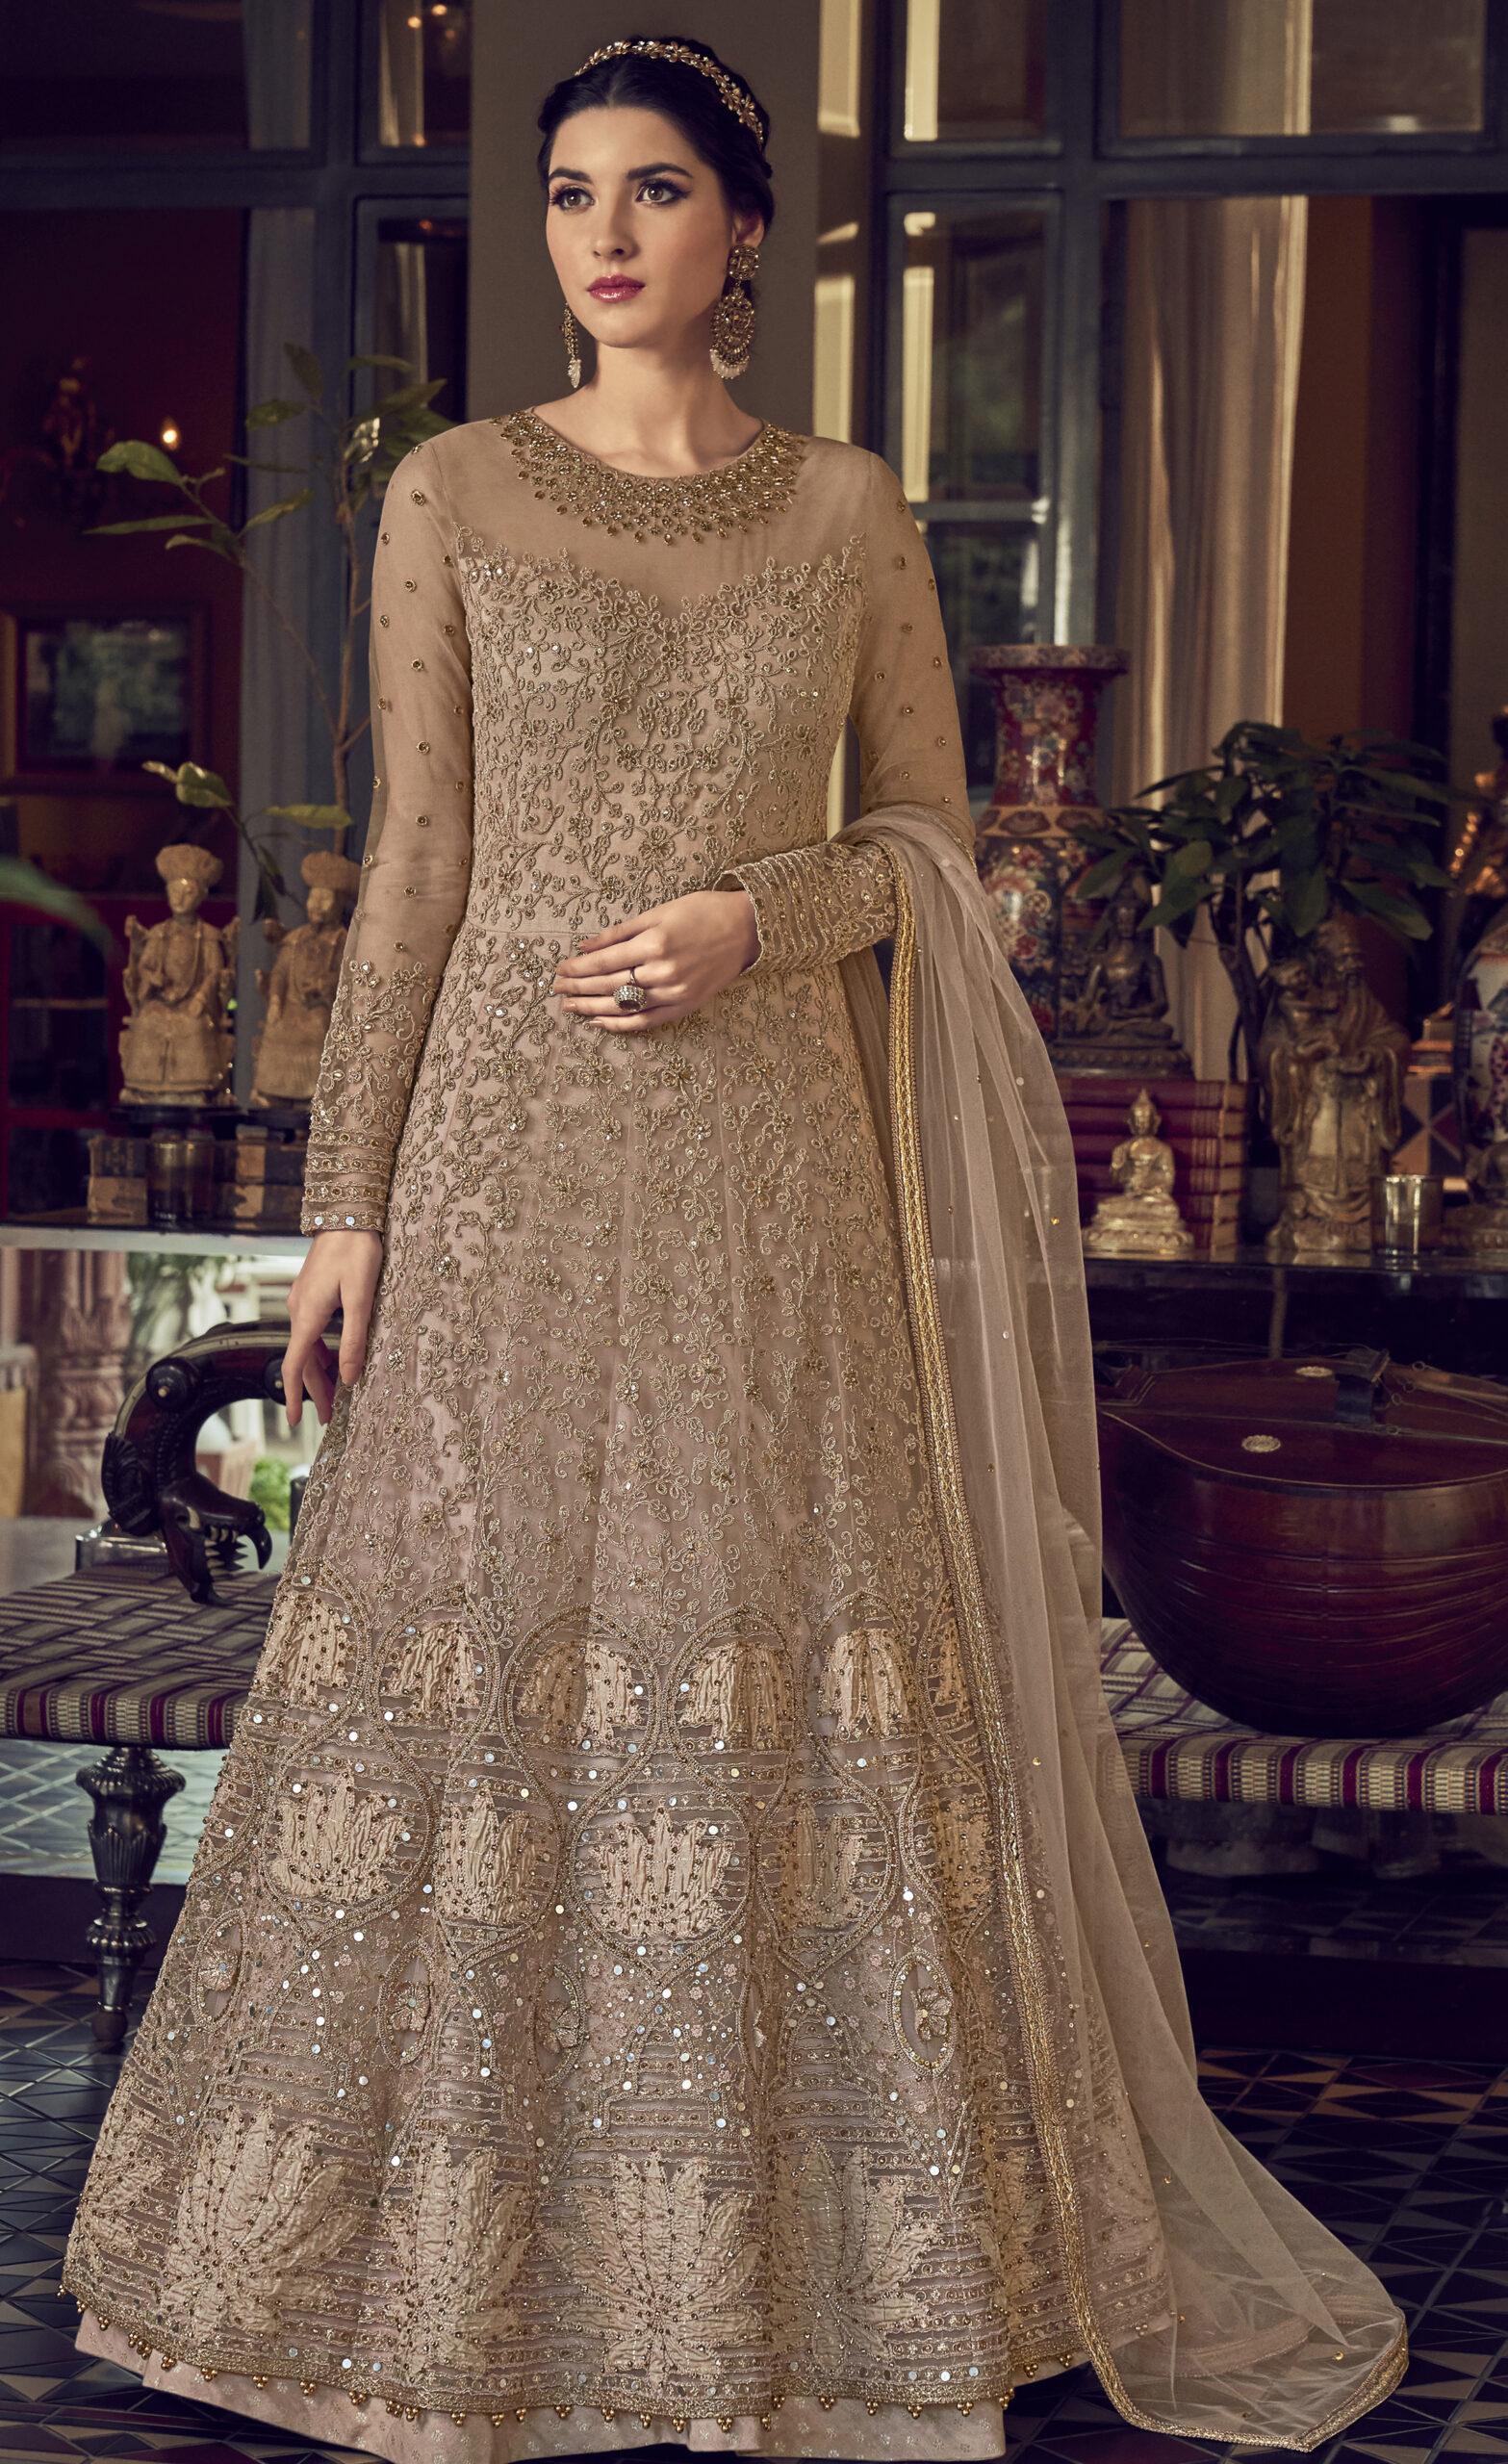 Kundali Bhagya Preeta Dress Gown Net with Dupatta